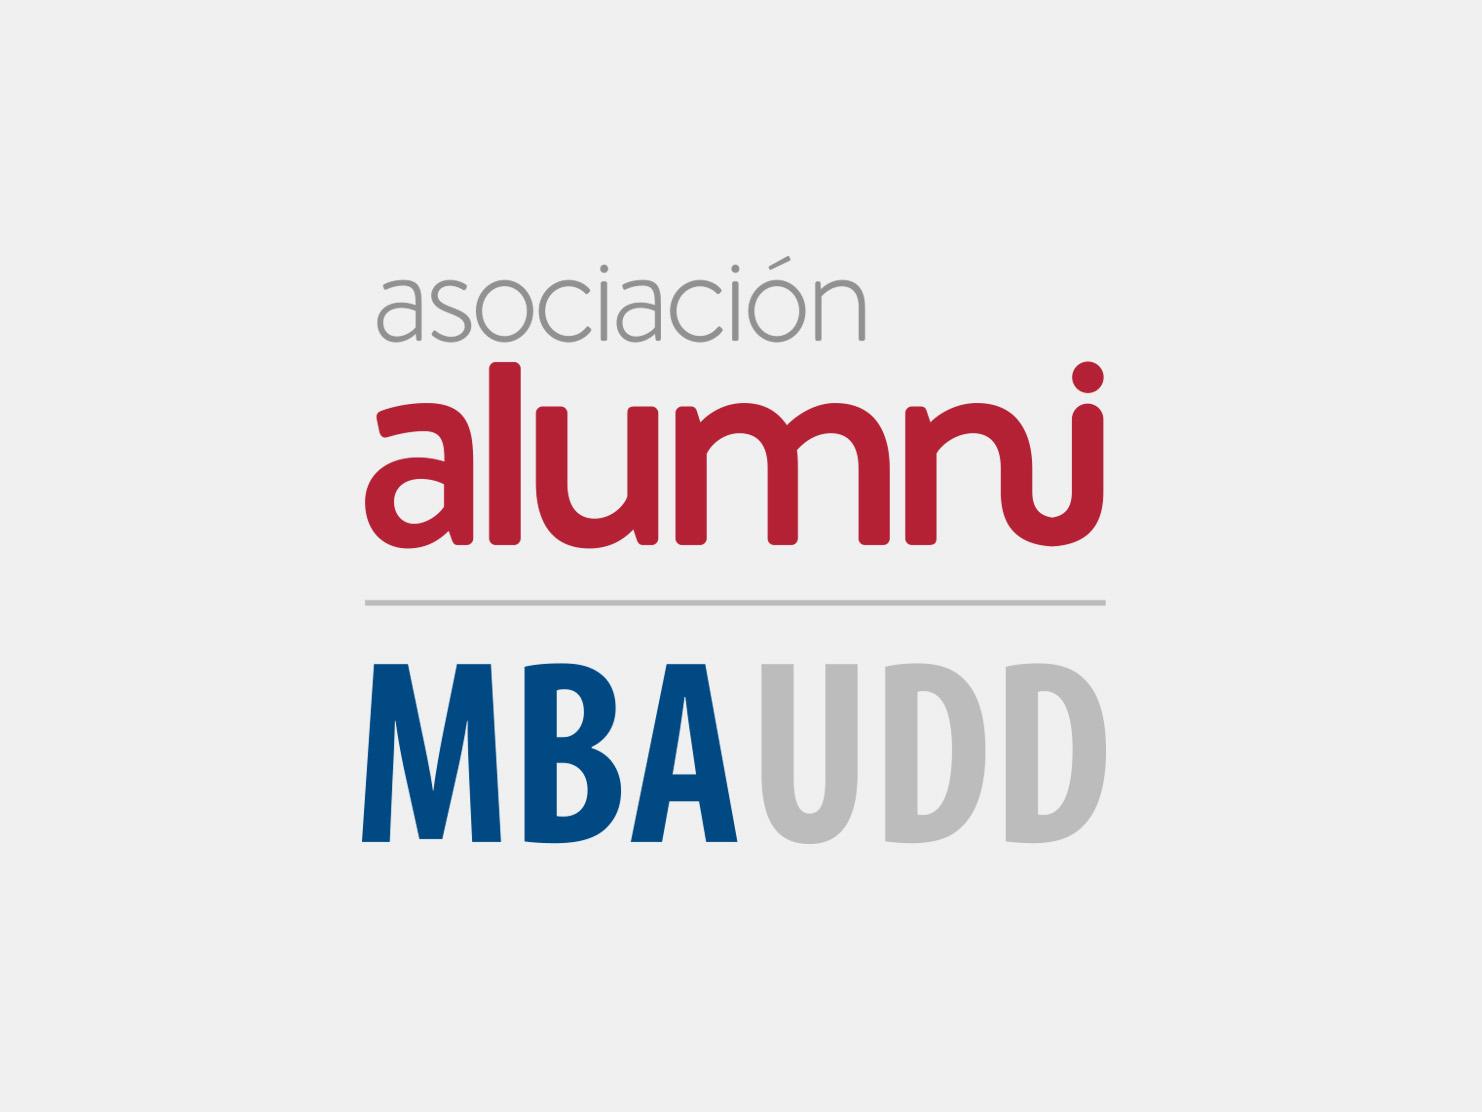 1-Alumni-mba-udd-3